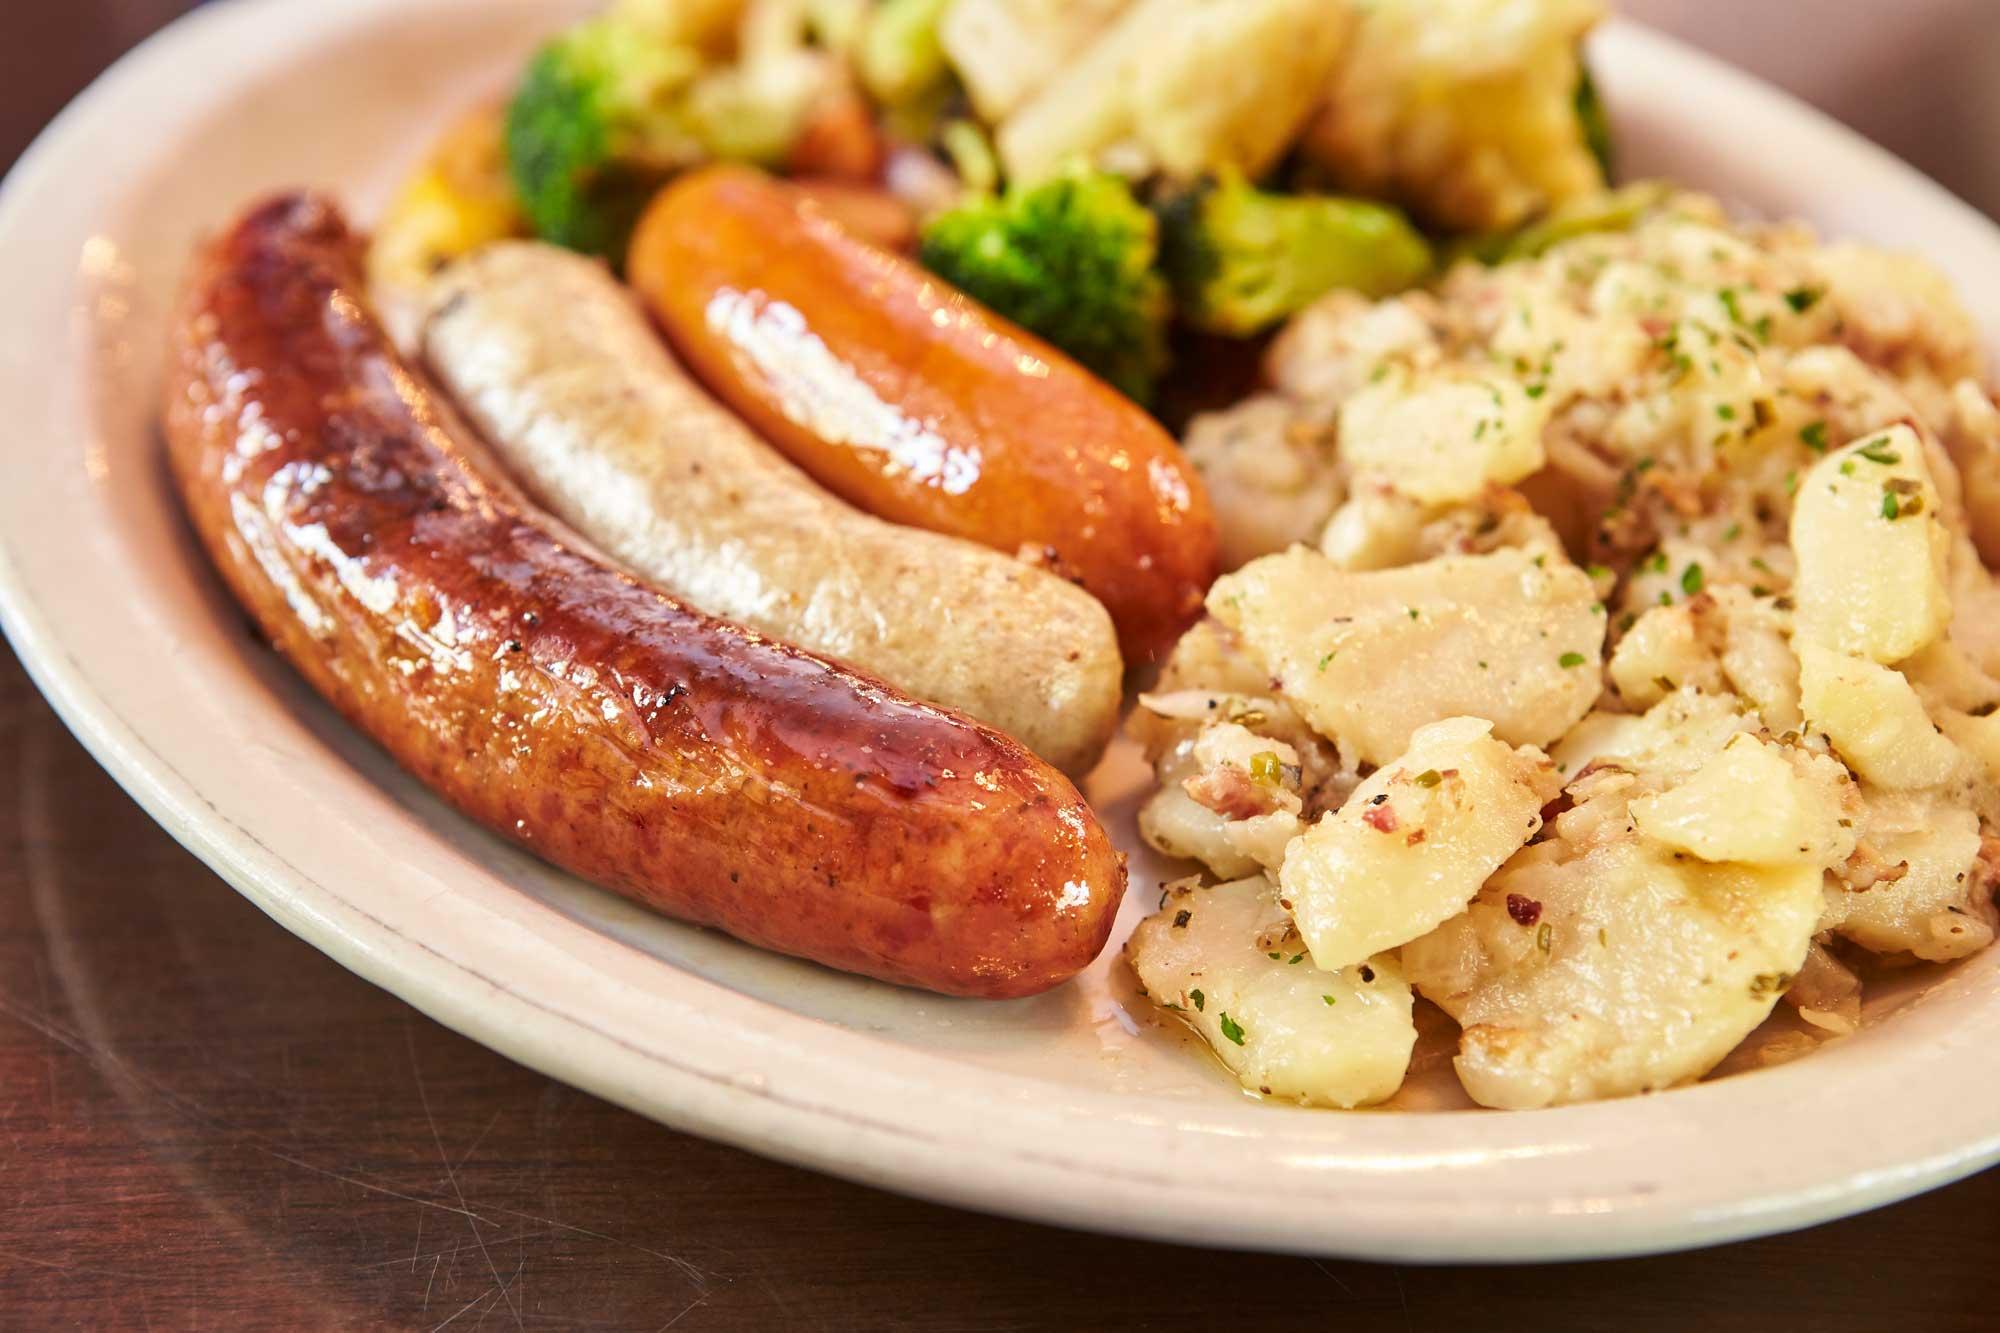 Heidelberg German Restaurant Food Menu Bratwurst Sausage Potato Salad